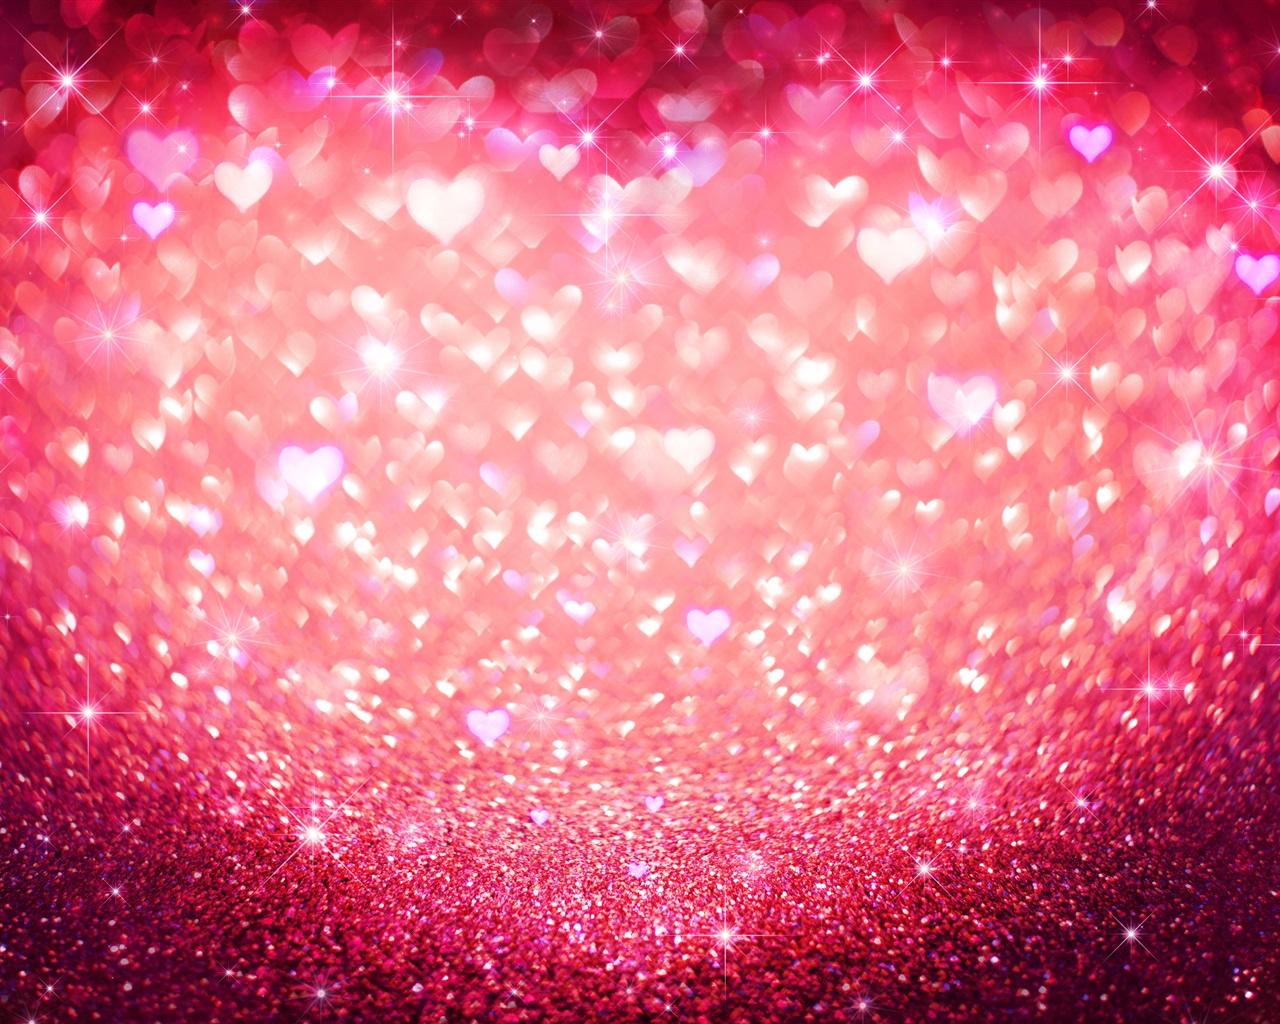 Pink Love Heart, Shine, Glitter 1080x1920 IPhone 8/7/6/6S